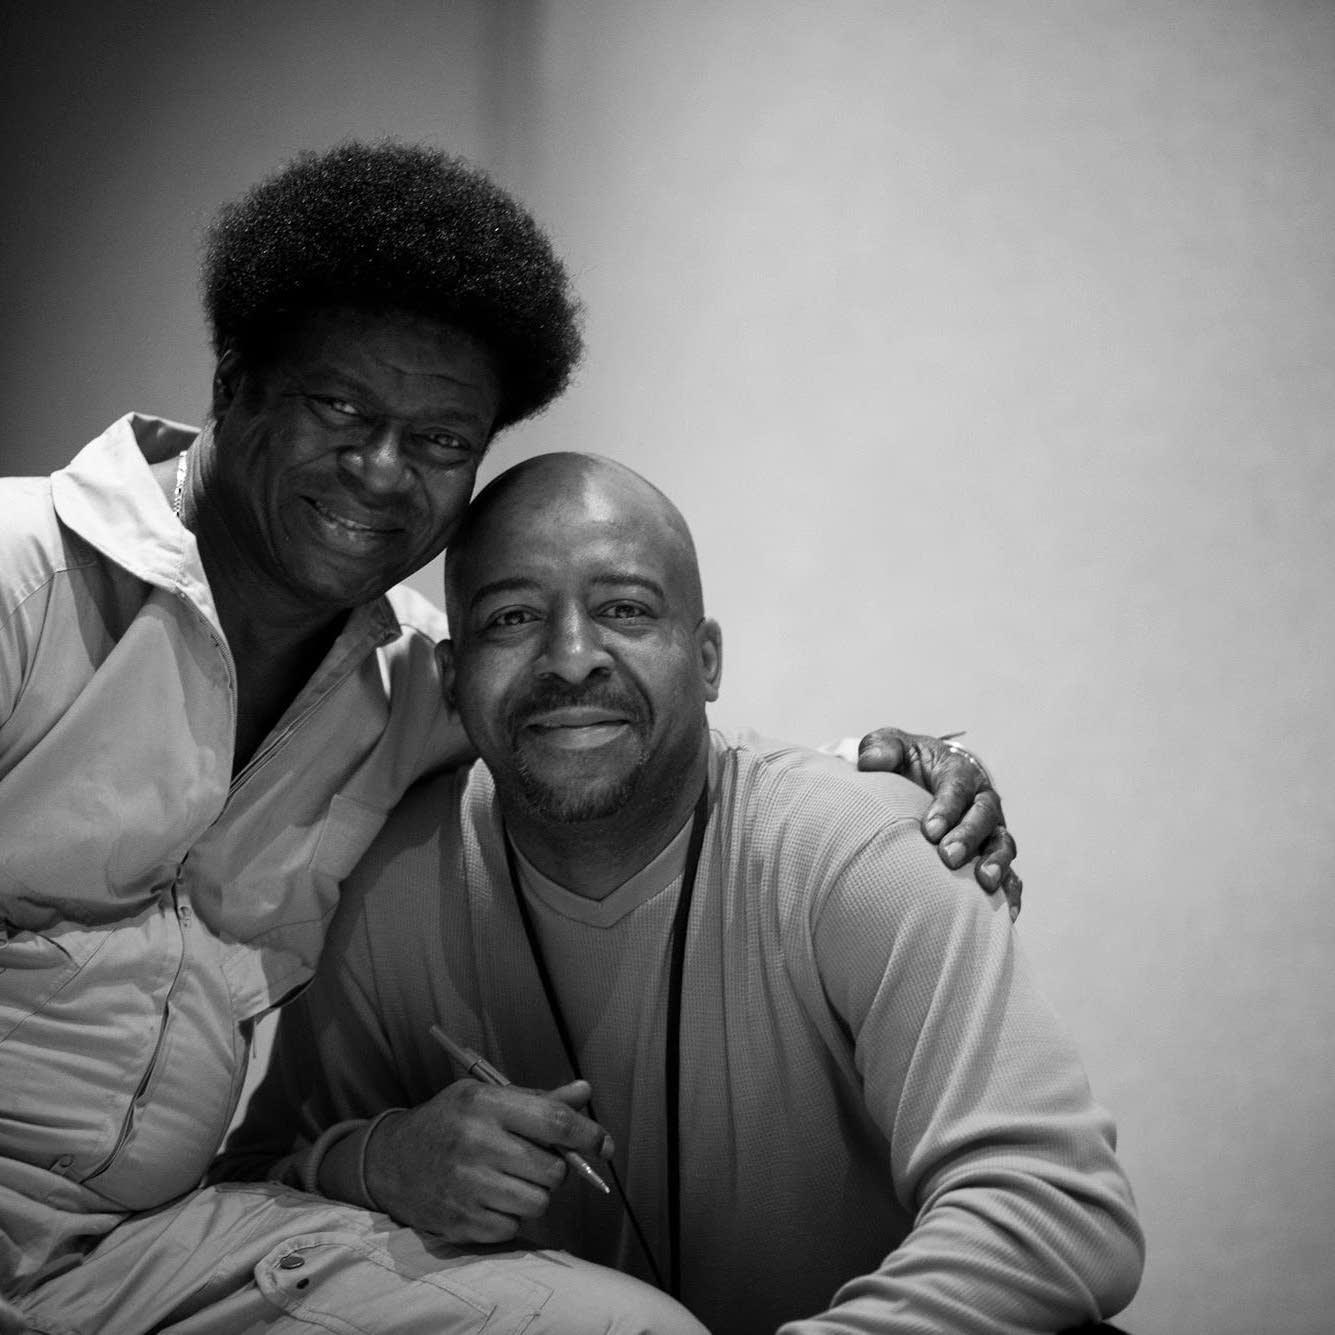 Charles Bradley and Derrick Stevens